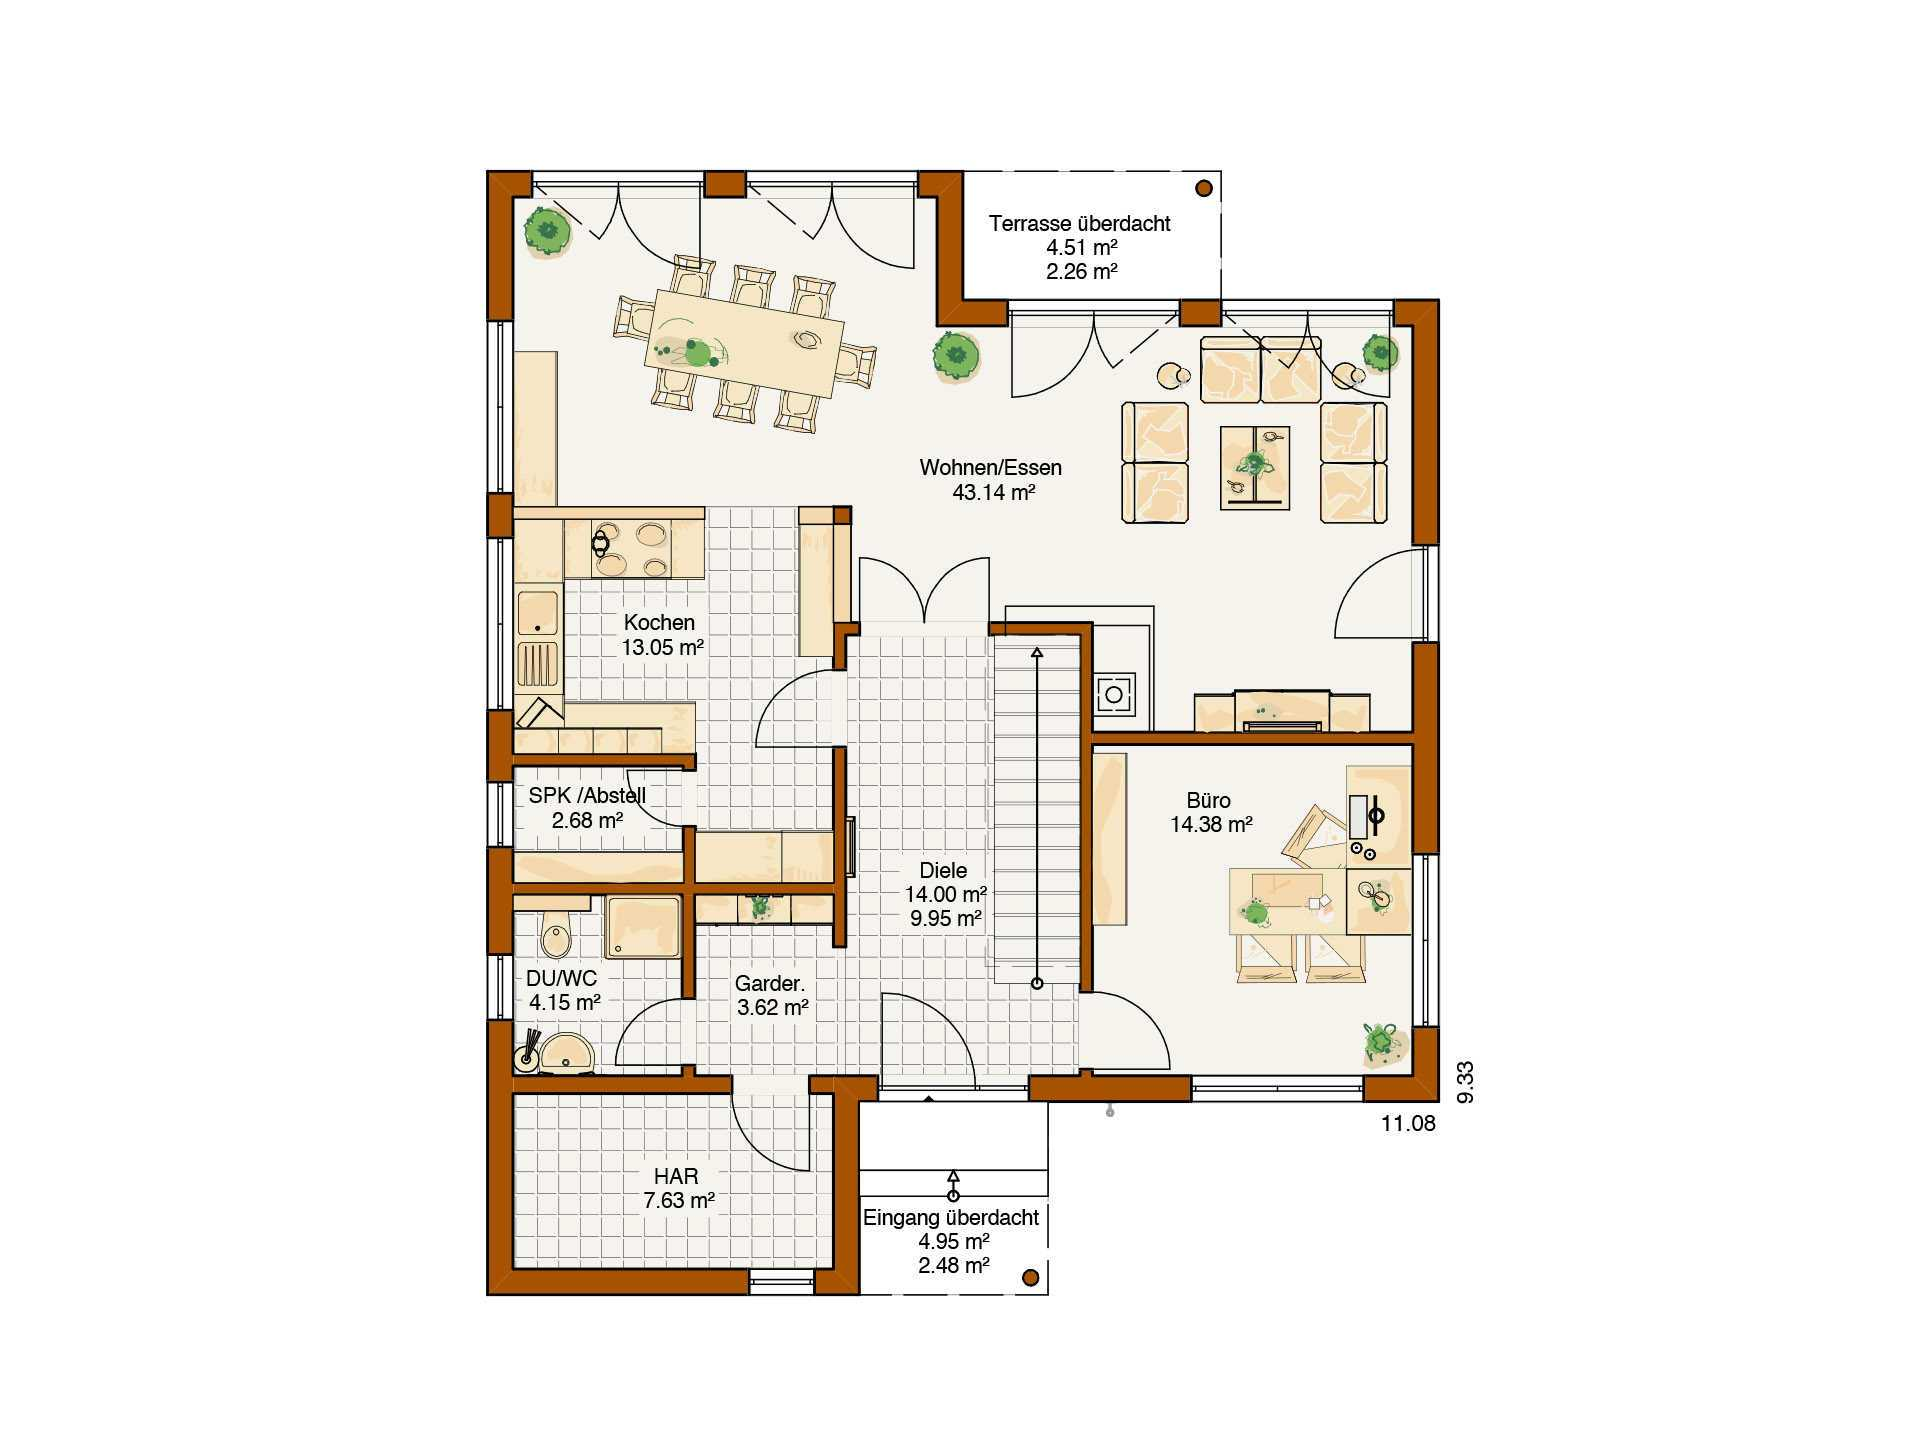 Musterhaus Avenio - Eine Nahaufnahme von einer Karte - Gebäudeplan